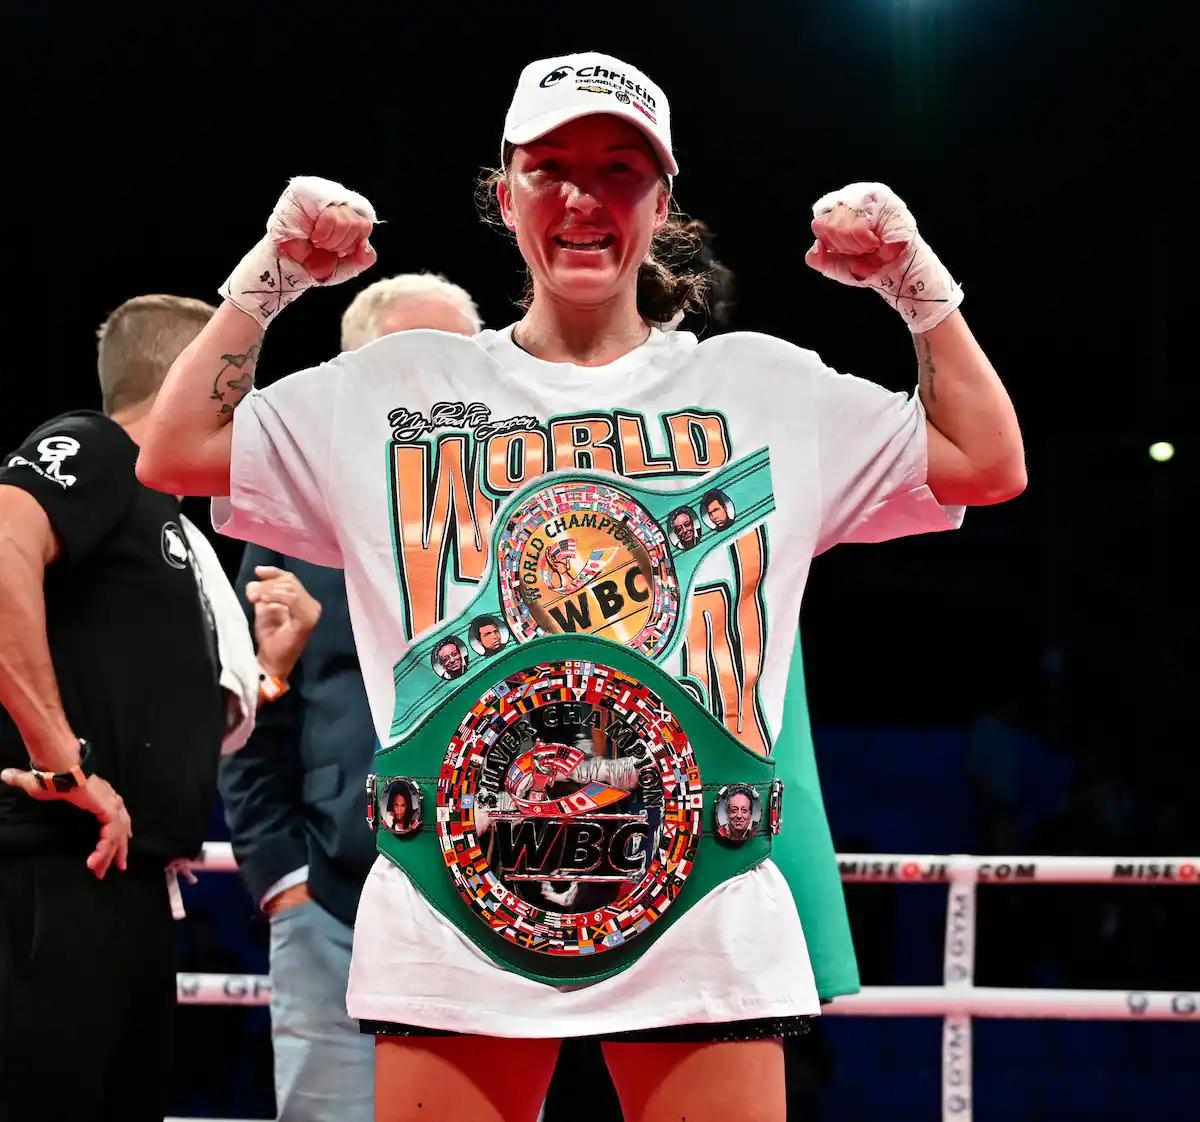 Kim Clavel defeats María Soledad Vargas in Montreal, Canada   Boxen247.com (Kristian von Sponneck)